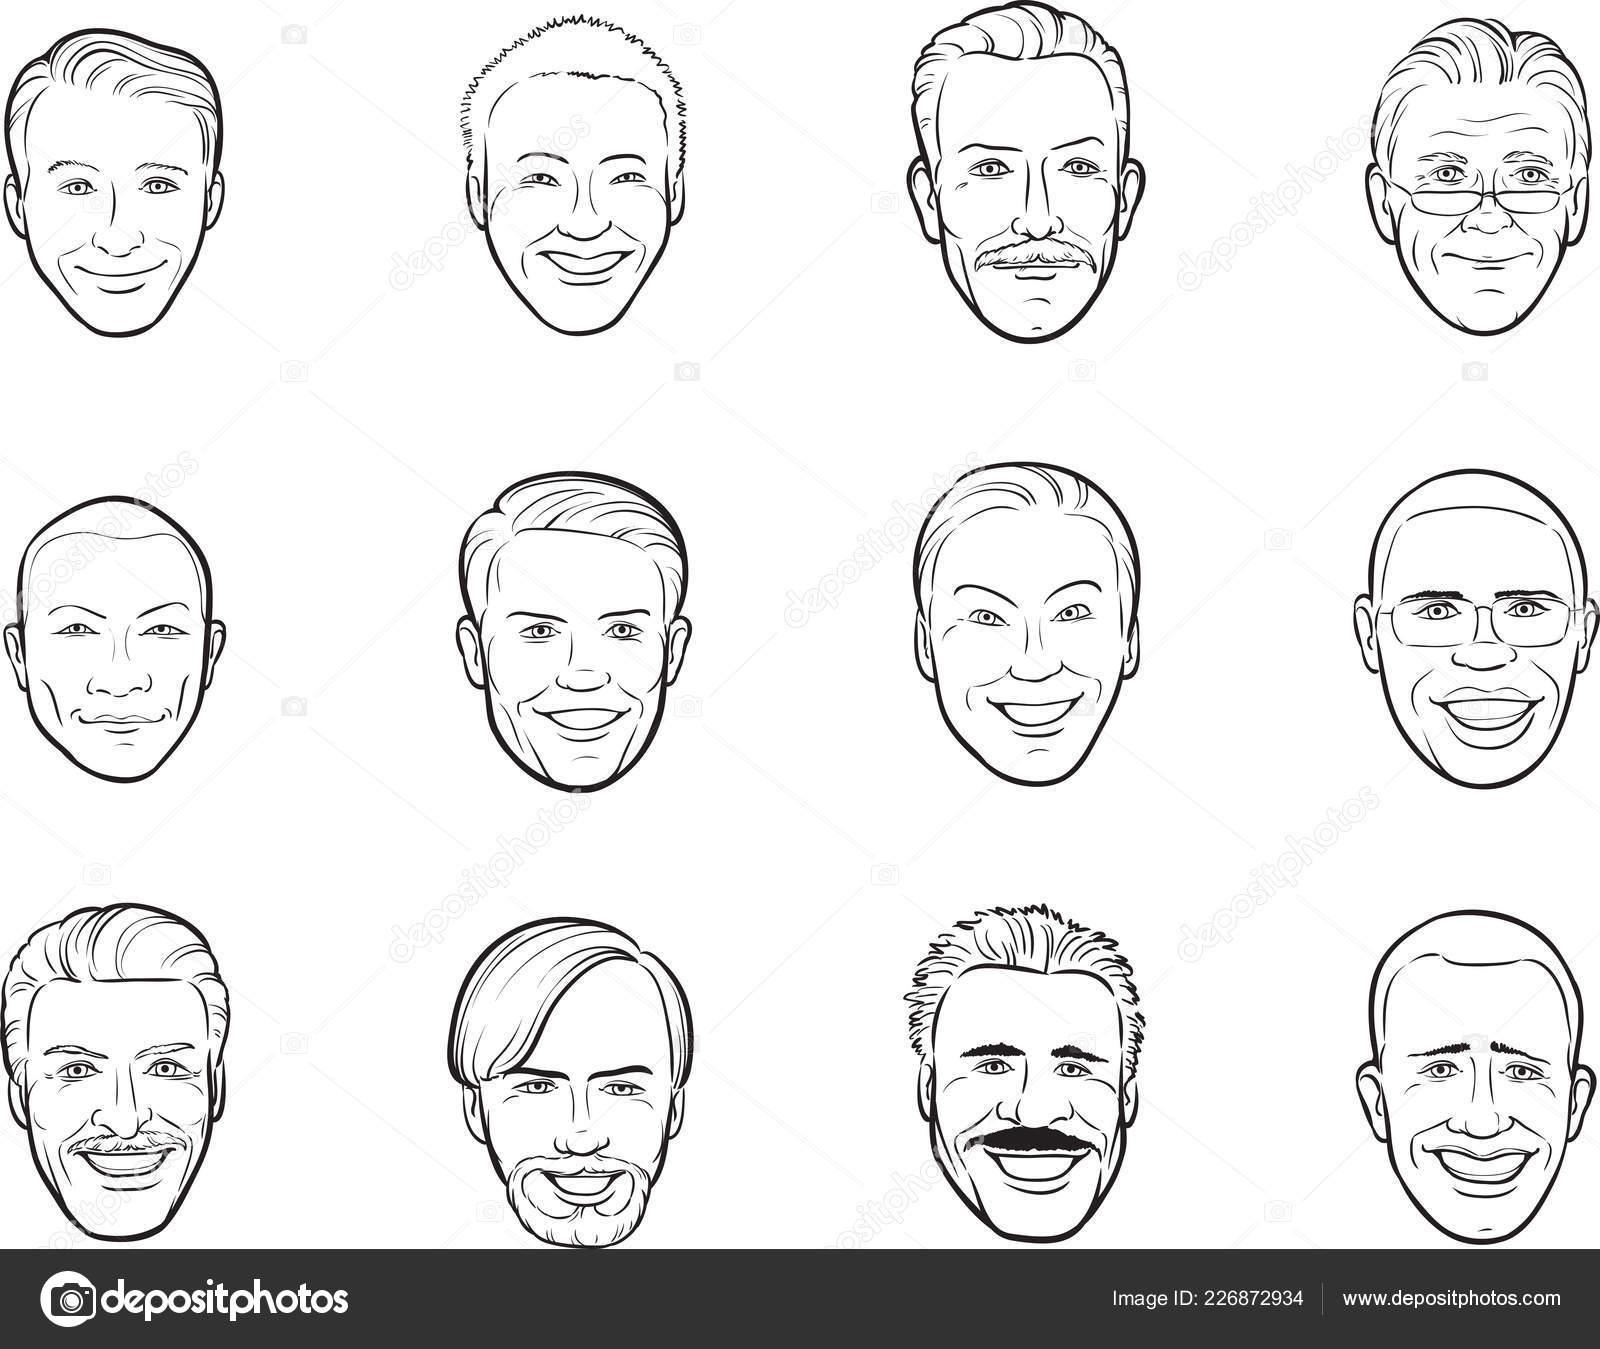 Whiteboard Zeichnung Cartoon Avatar Lachelnde Manner Kopfe